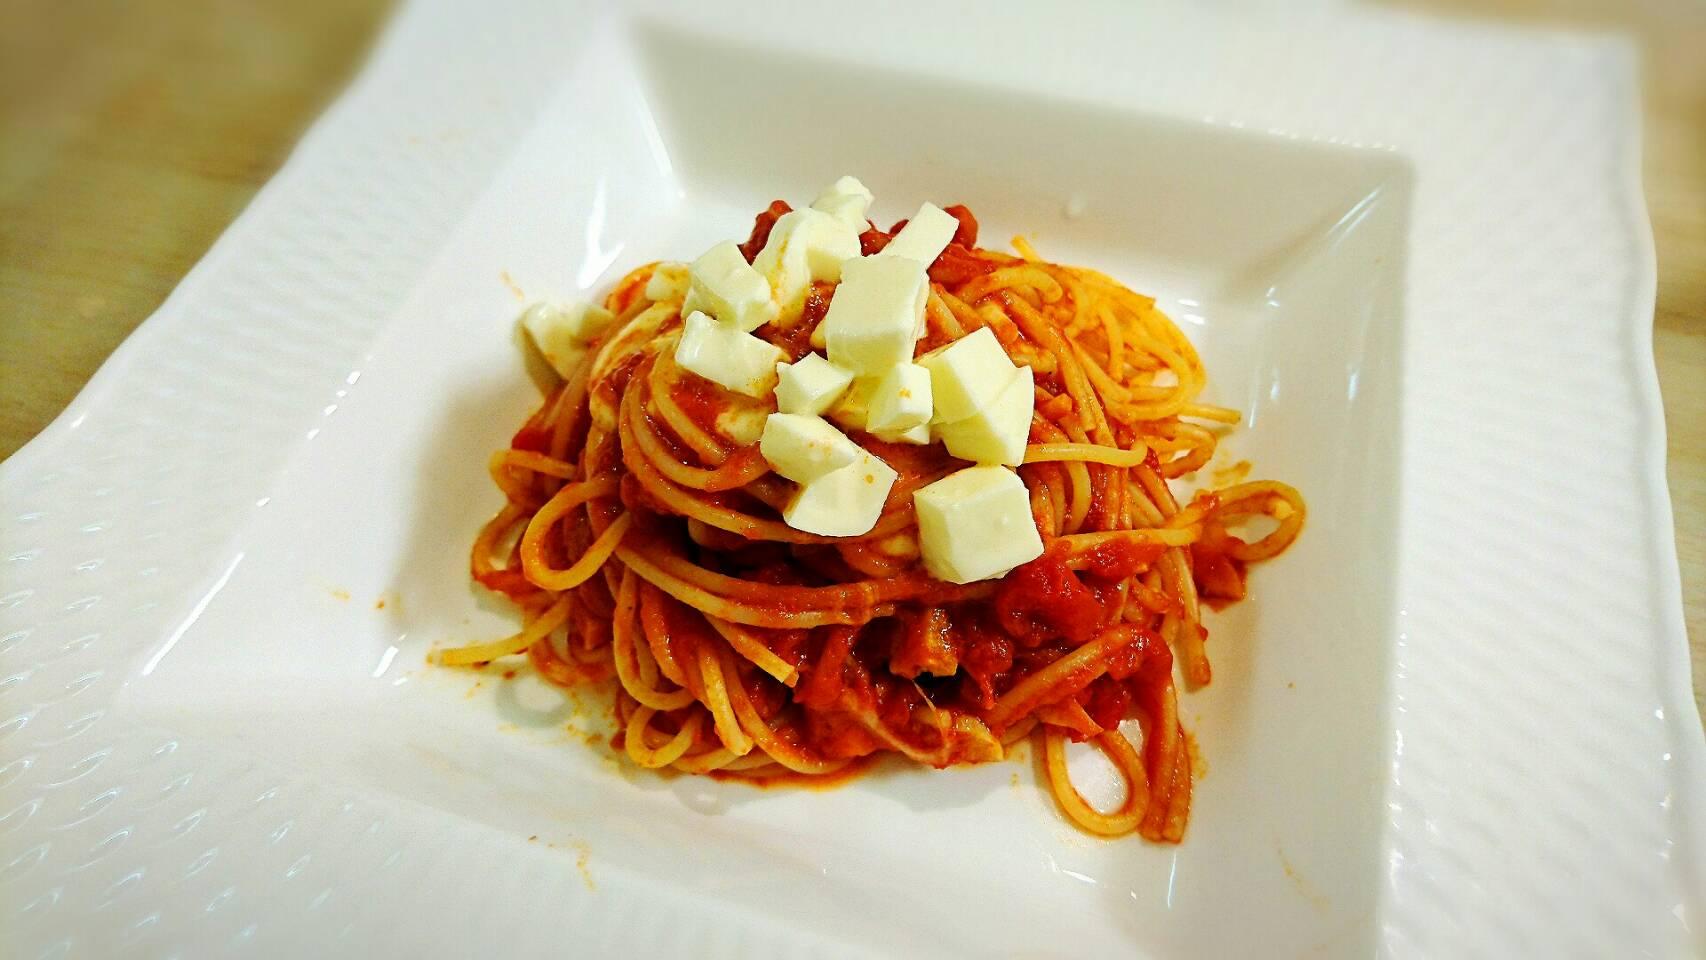 【パスタ】モツァレラチーズのトマトソーススパゲティー